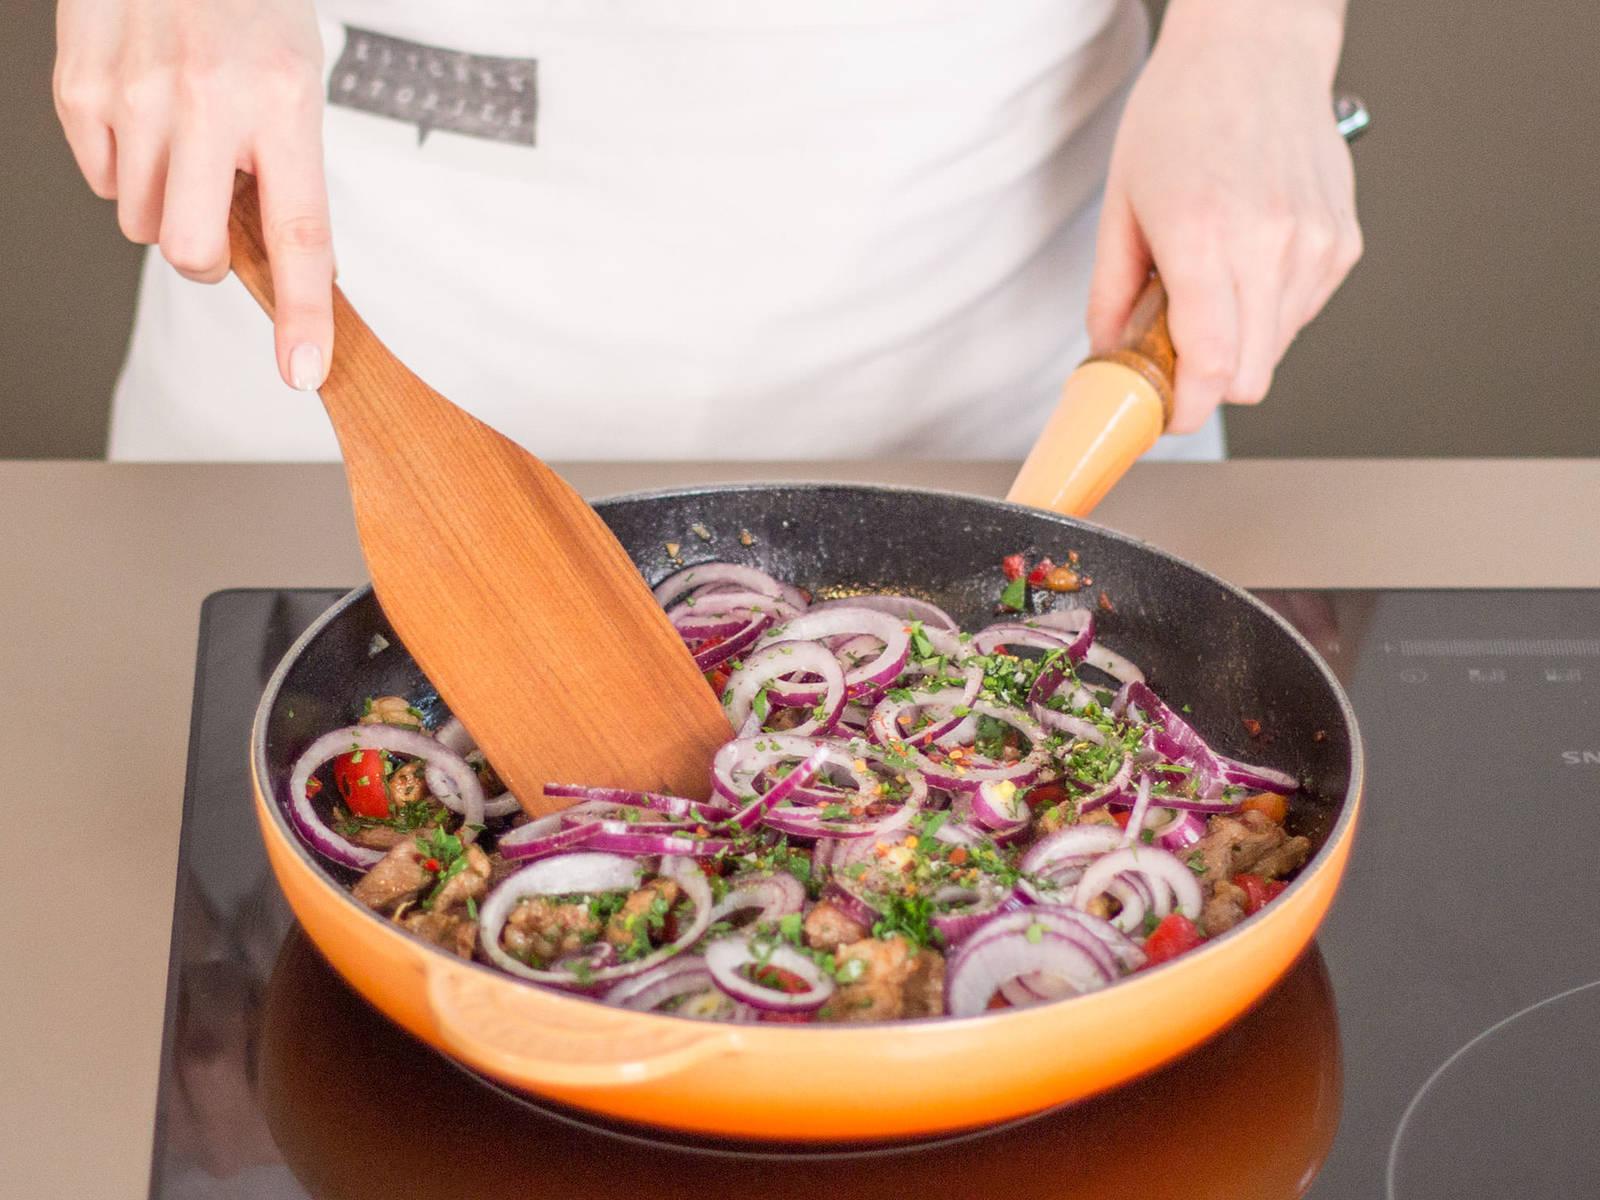 In einer großen Pfanne Fleisch in etwas Pflanzenöl bei mittlerer Hitze ca. 3 – 4 Min. anbraten. Dann Chili und restlichen Knoblauch hinzugeben, und ca. 1 – 2 Min. weiterbraten. Nun Zwiebel und Paprika dazugeben, gut umrühren und weitere 2 – 3 Min. braten. Vom Herd nehmen und mit Salz, Pfeffer und Paprikapulver abschmecken. Mit Oregano garnieren und dem Tzatziki servieren. Guten Appetit!